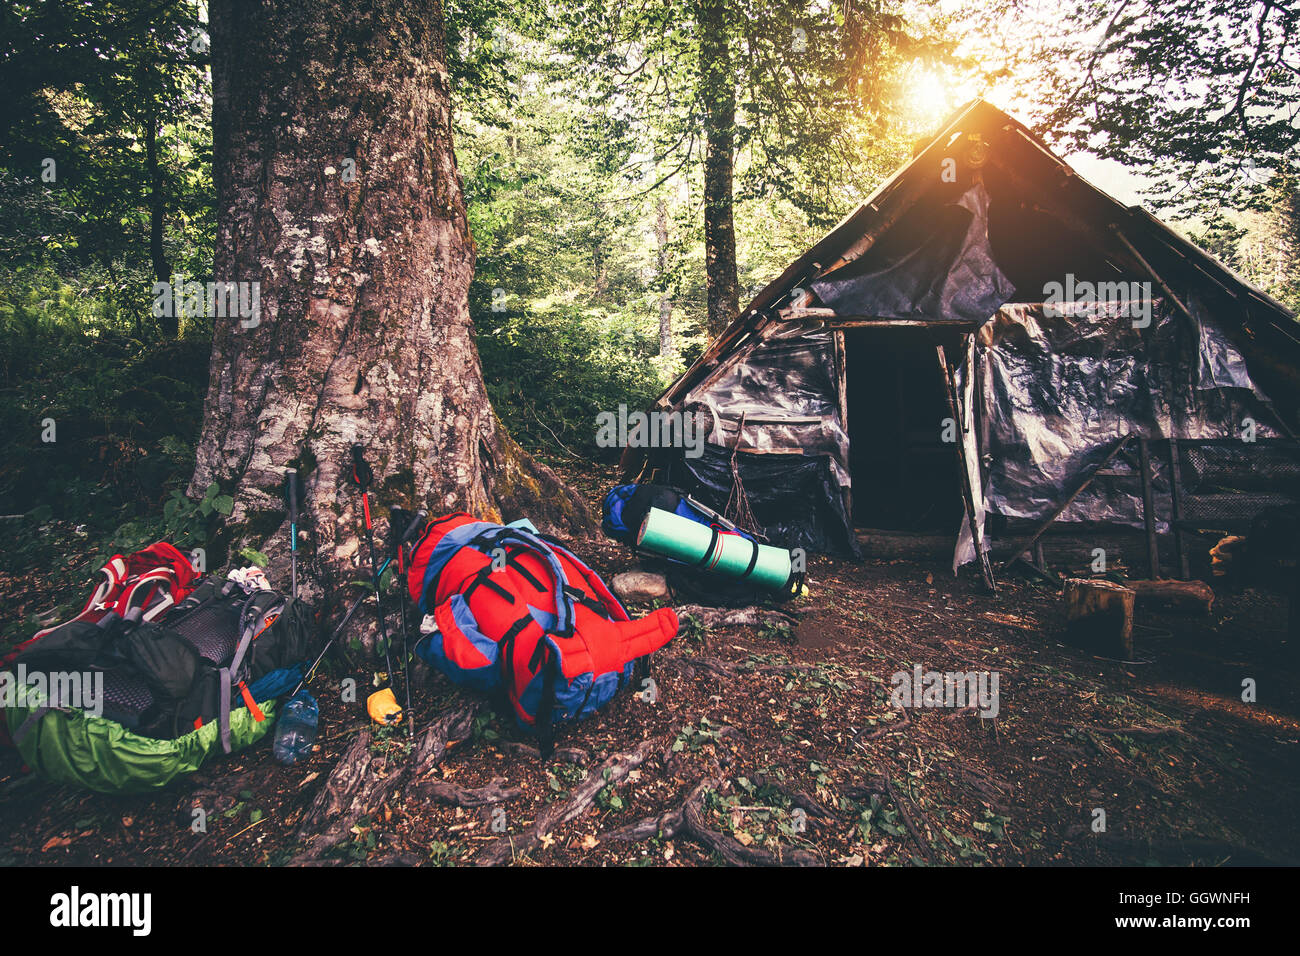 Zaini e casa abbandonata camping Outdoor Lifestyle viaggio attrezzatura per le escursioni natura foresta sullo sfondo Immagini Stock